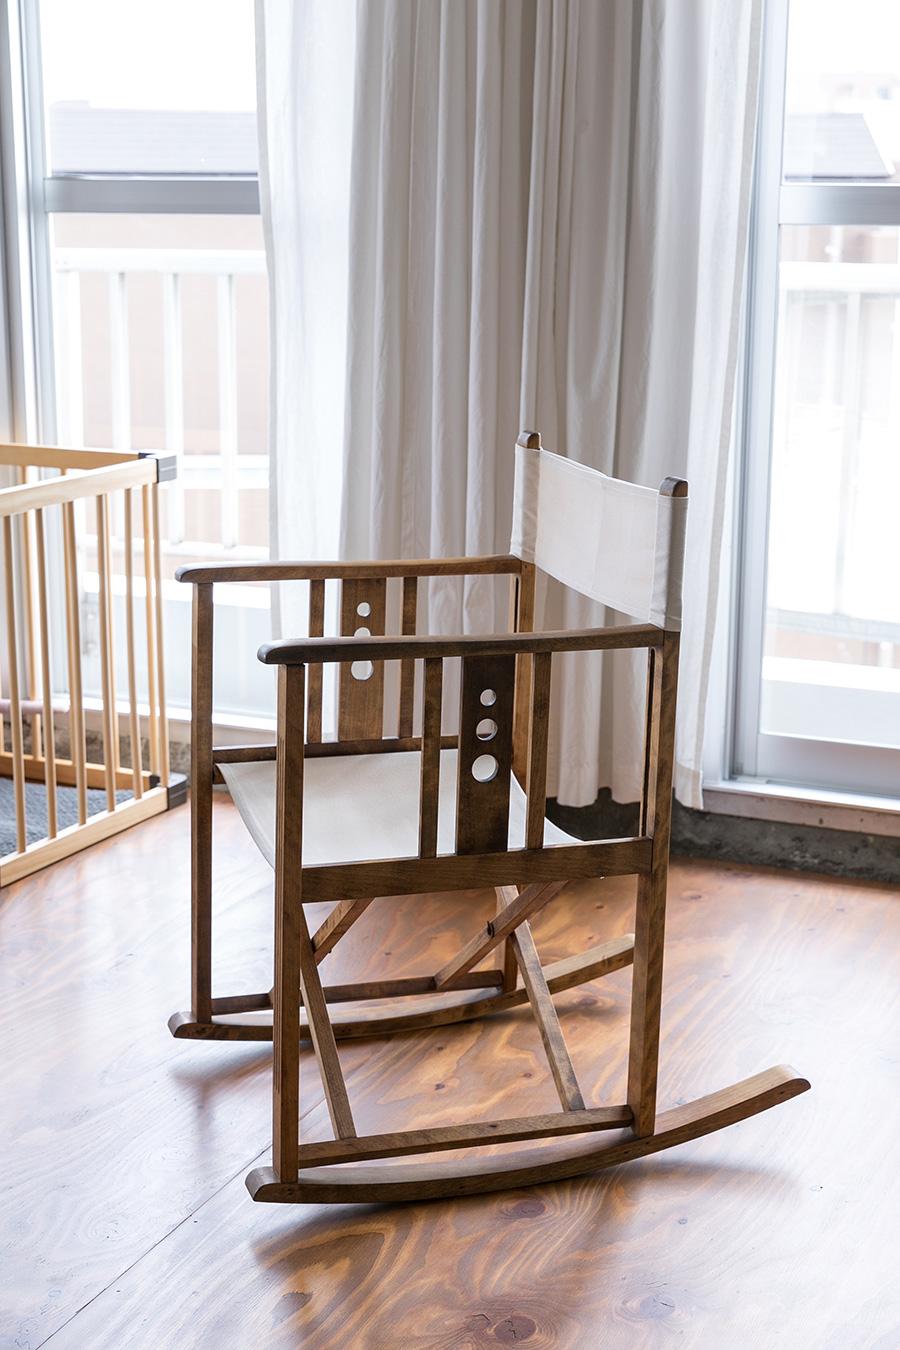 ヤマハのロッキングチェア。「もともとは塗装されている椅子だそうですが、塗装を剥いだ状態のものを古道具屋で買いました」